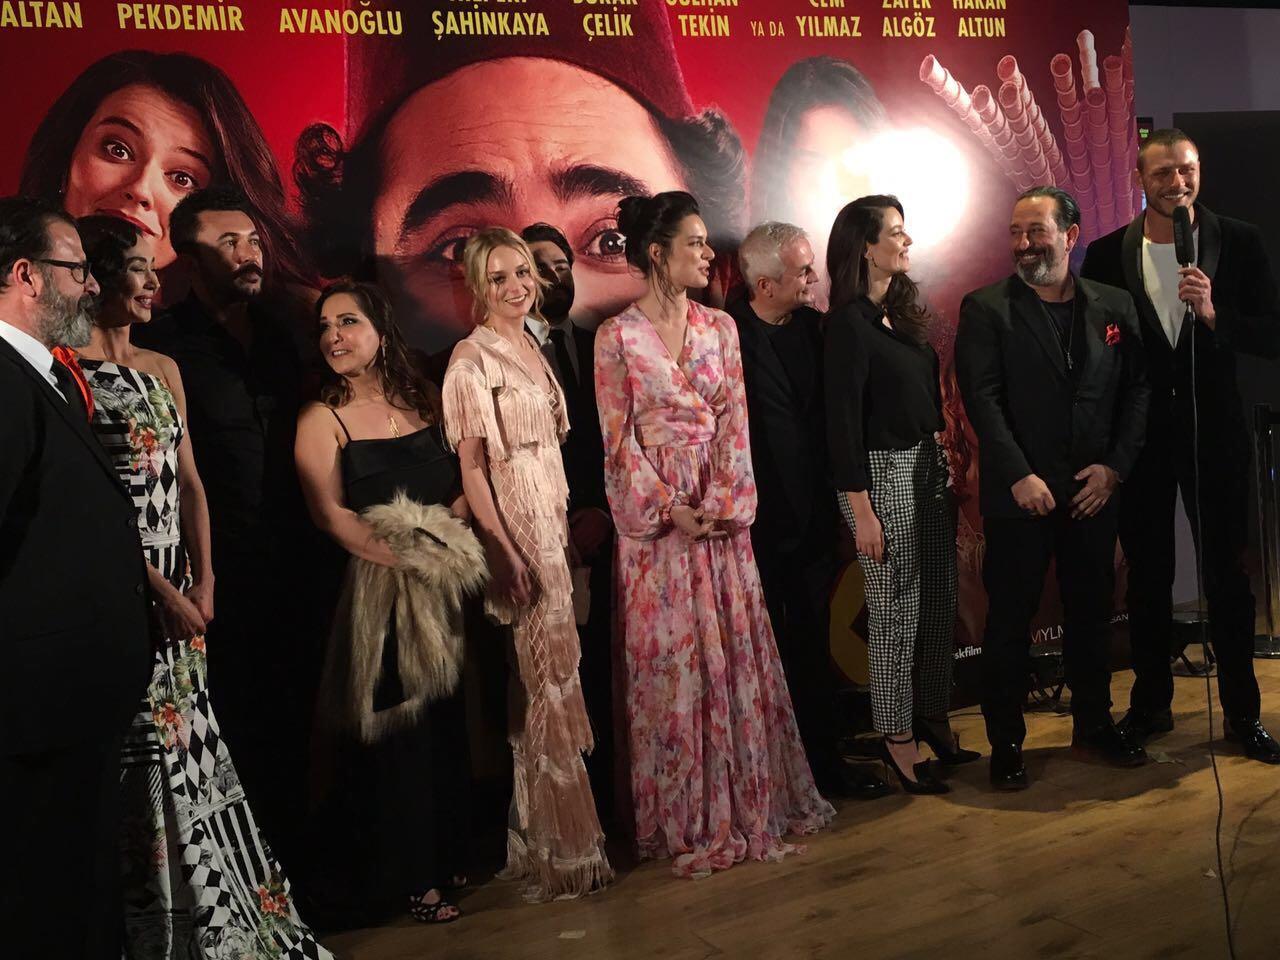 Kaptan International Textile kumaşlarını tercih eden sinema sanatçılarına ve değerli tasarımcı İlgin Utin hanımefendiye teşekkür ederiz.